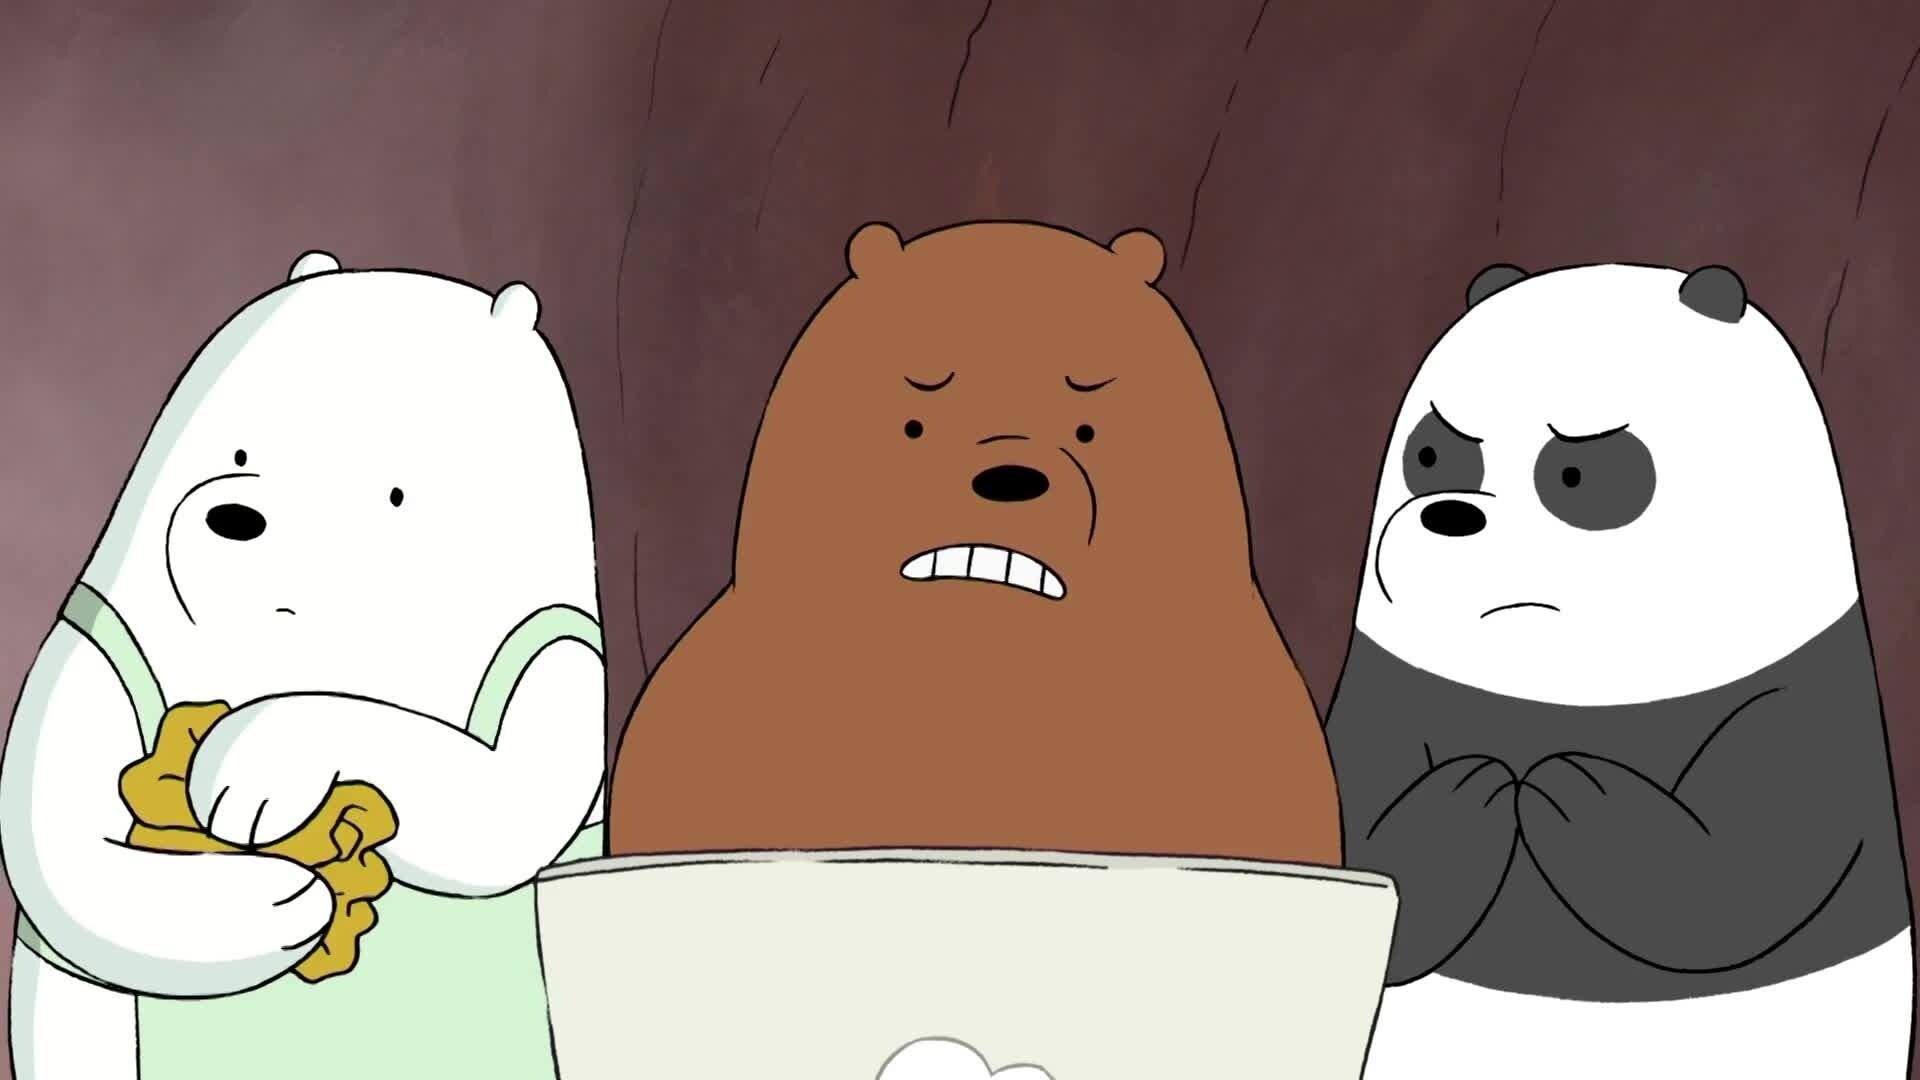 We Bare Bears - Bären wie wir - Wir und Chloe/Wir und der Dieb